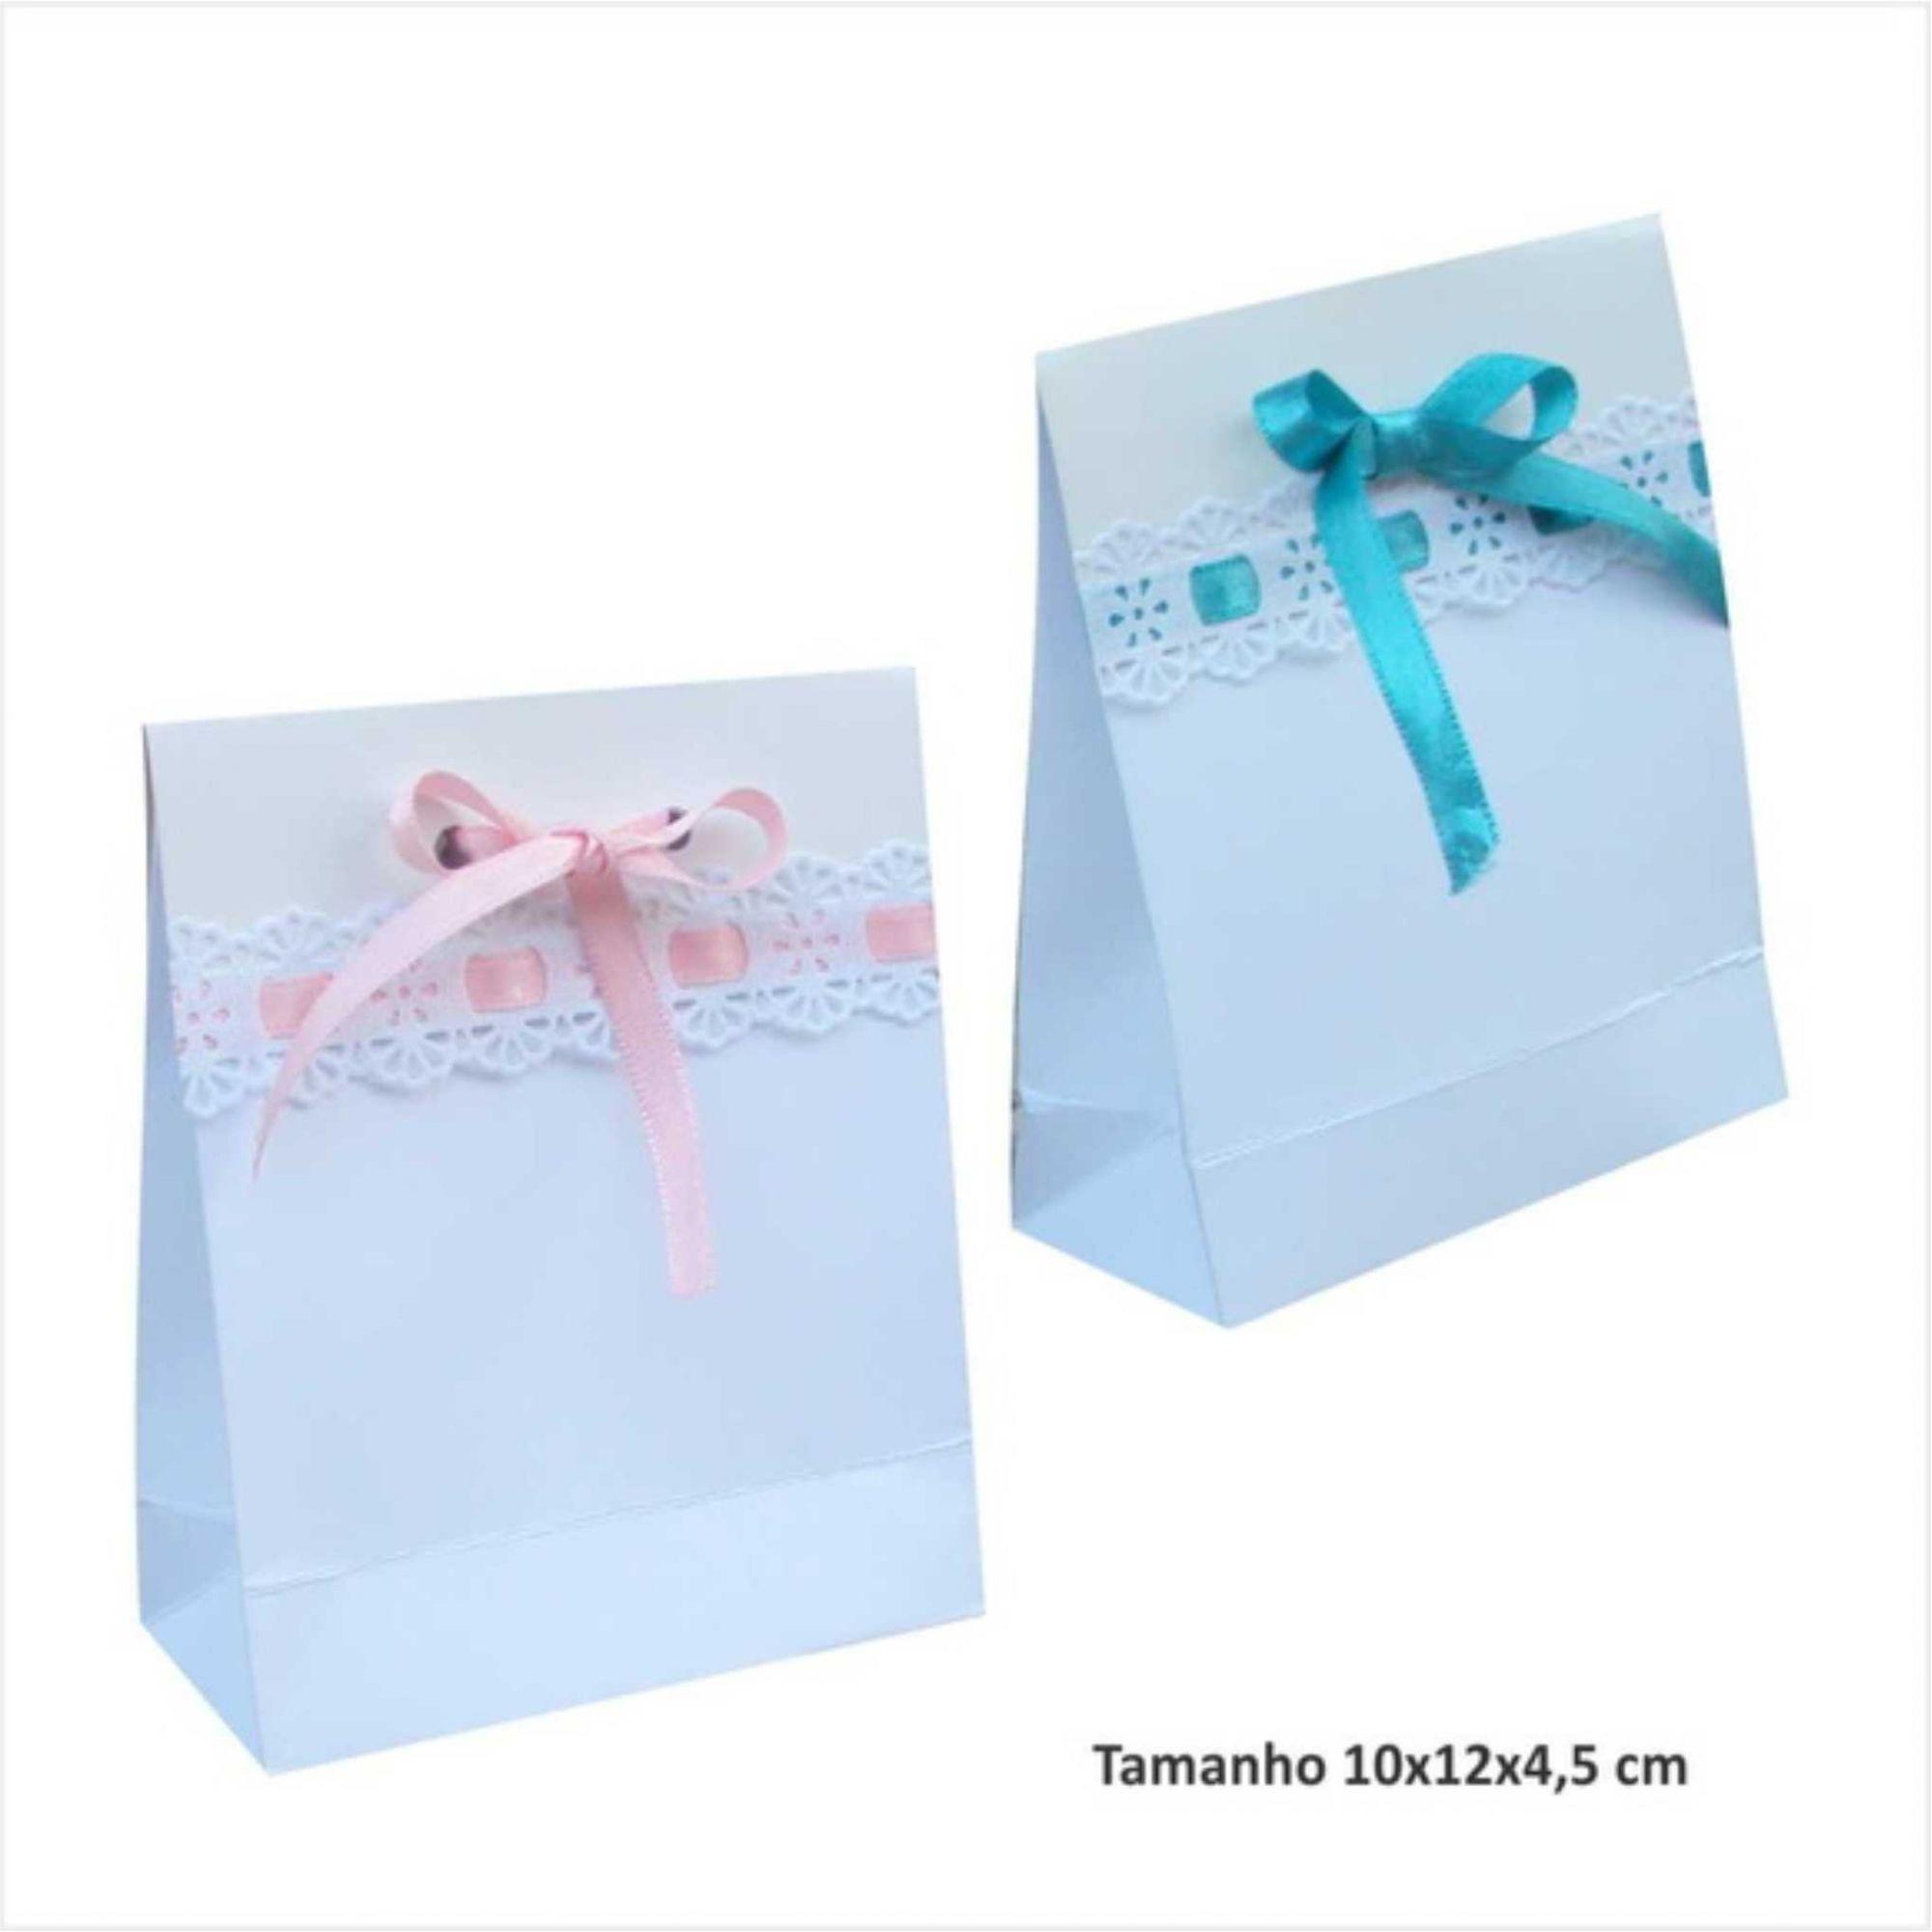 Sacola branca mini para lembrancinhas - com bordado (10x12x4,5 cm) - 10 unidades